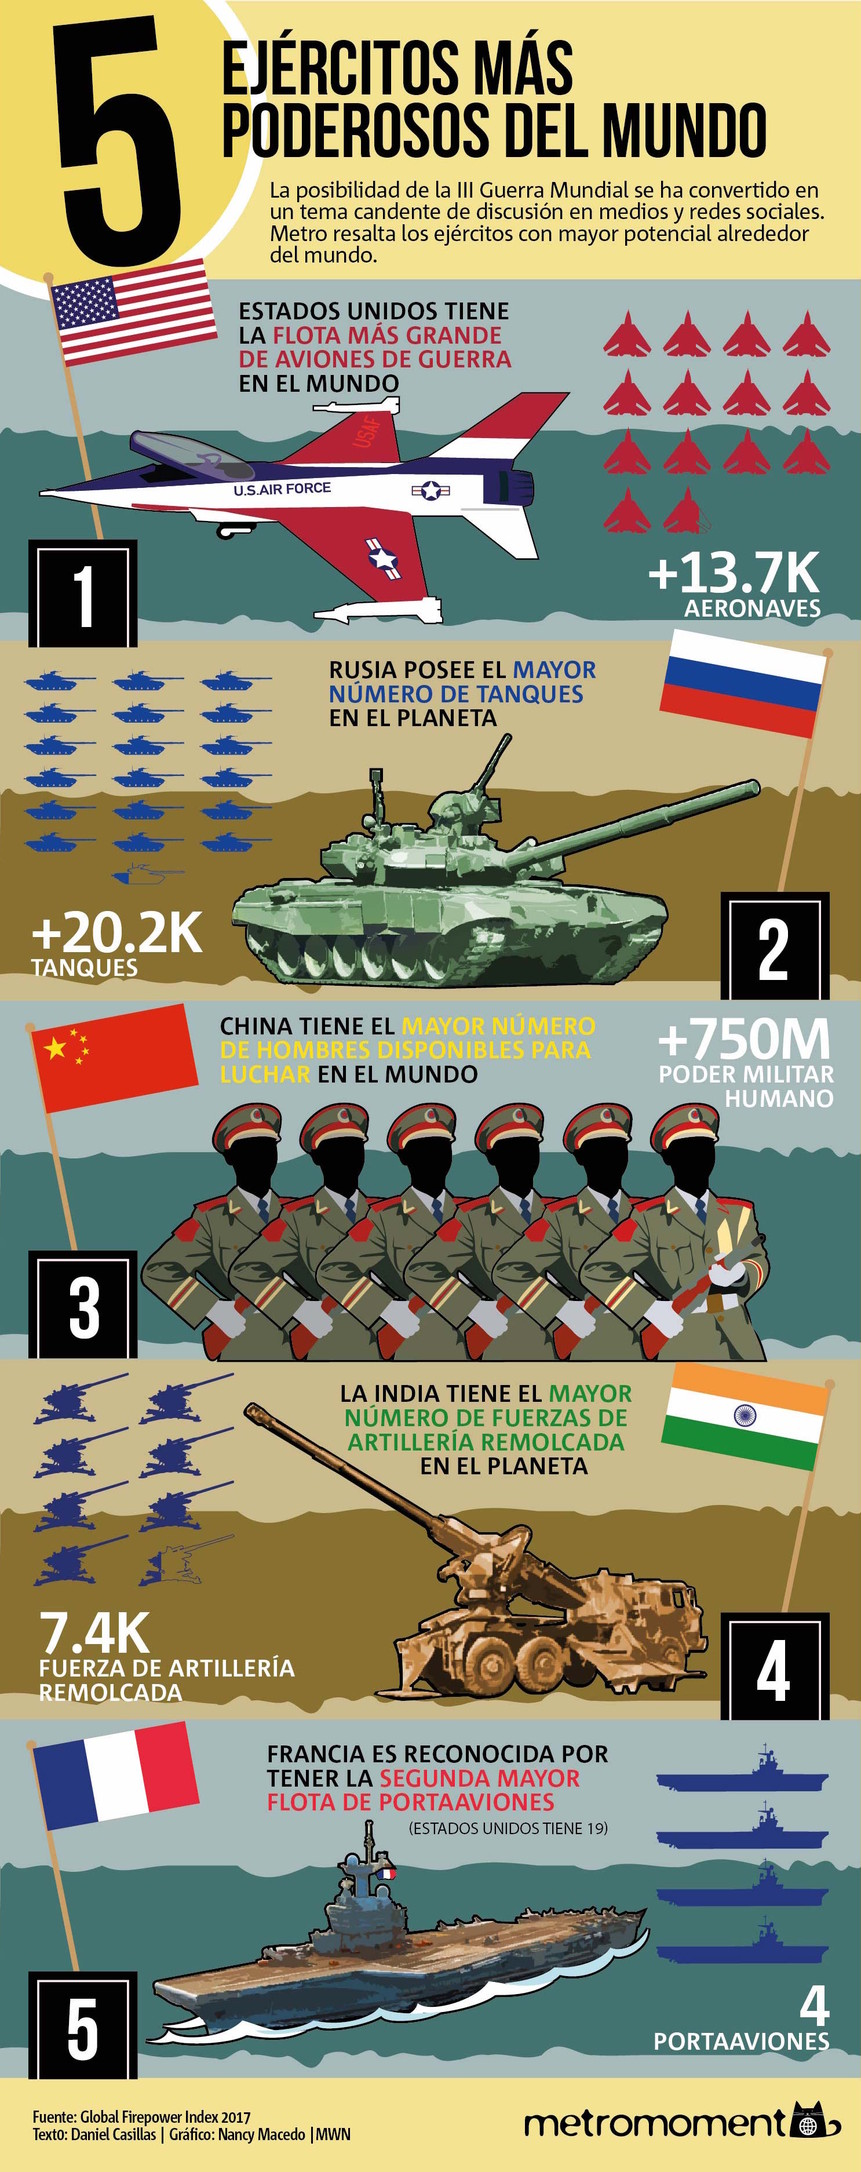 5 Ejércitos Más Poderosos Del Mundo